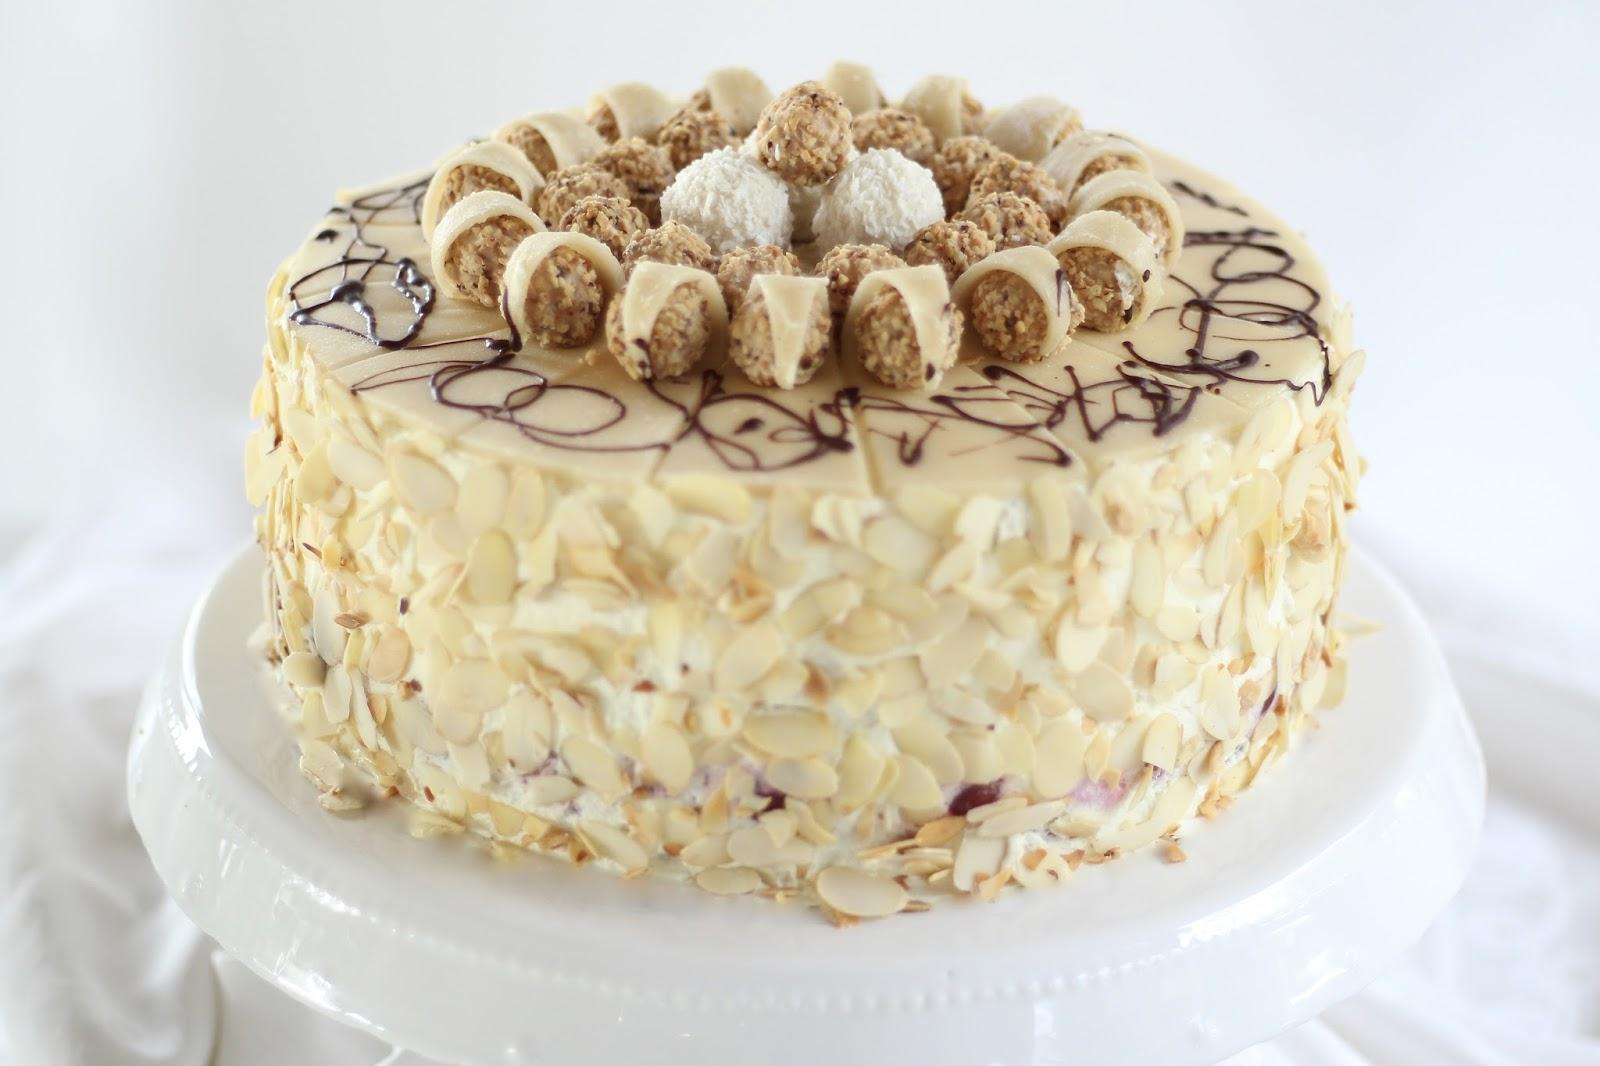 Giotto torte traumhafte sahnetorte mit kirschen marzipan - Torten dekorieren mit marzipan ...